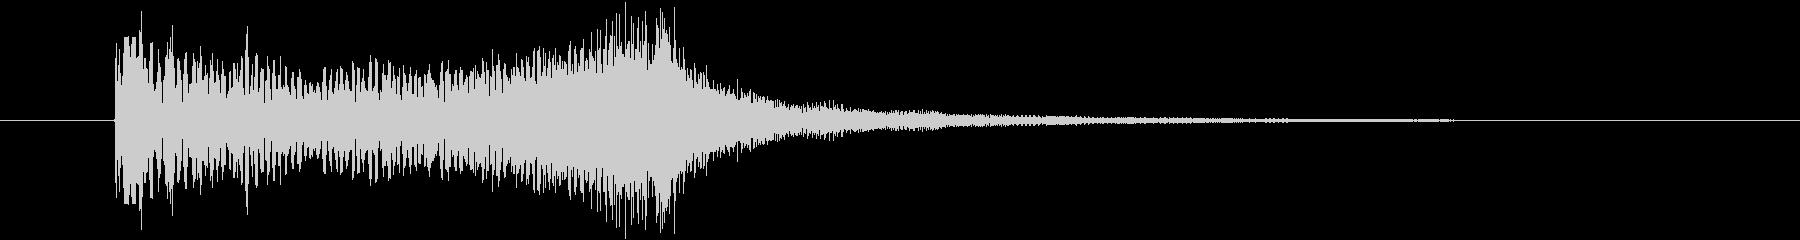 サウンドロゴ_ストリング_怖い_ダークの未再生の波形